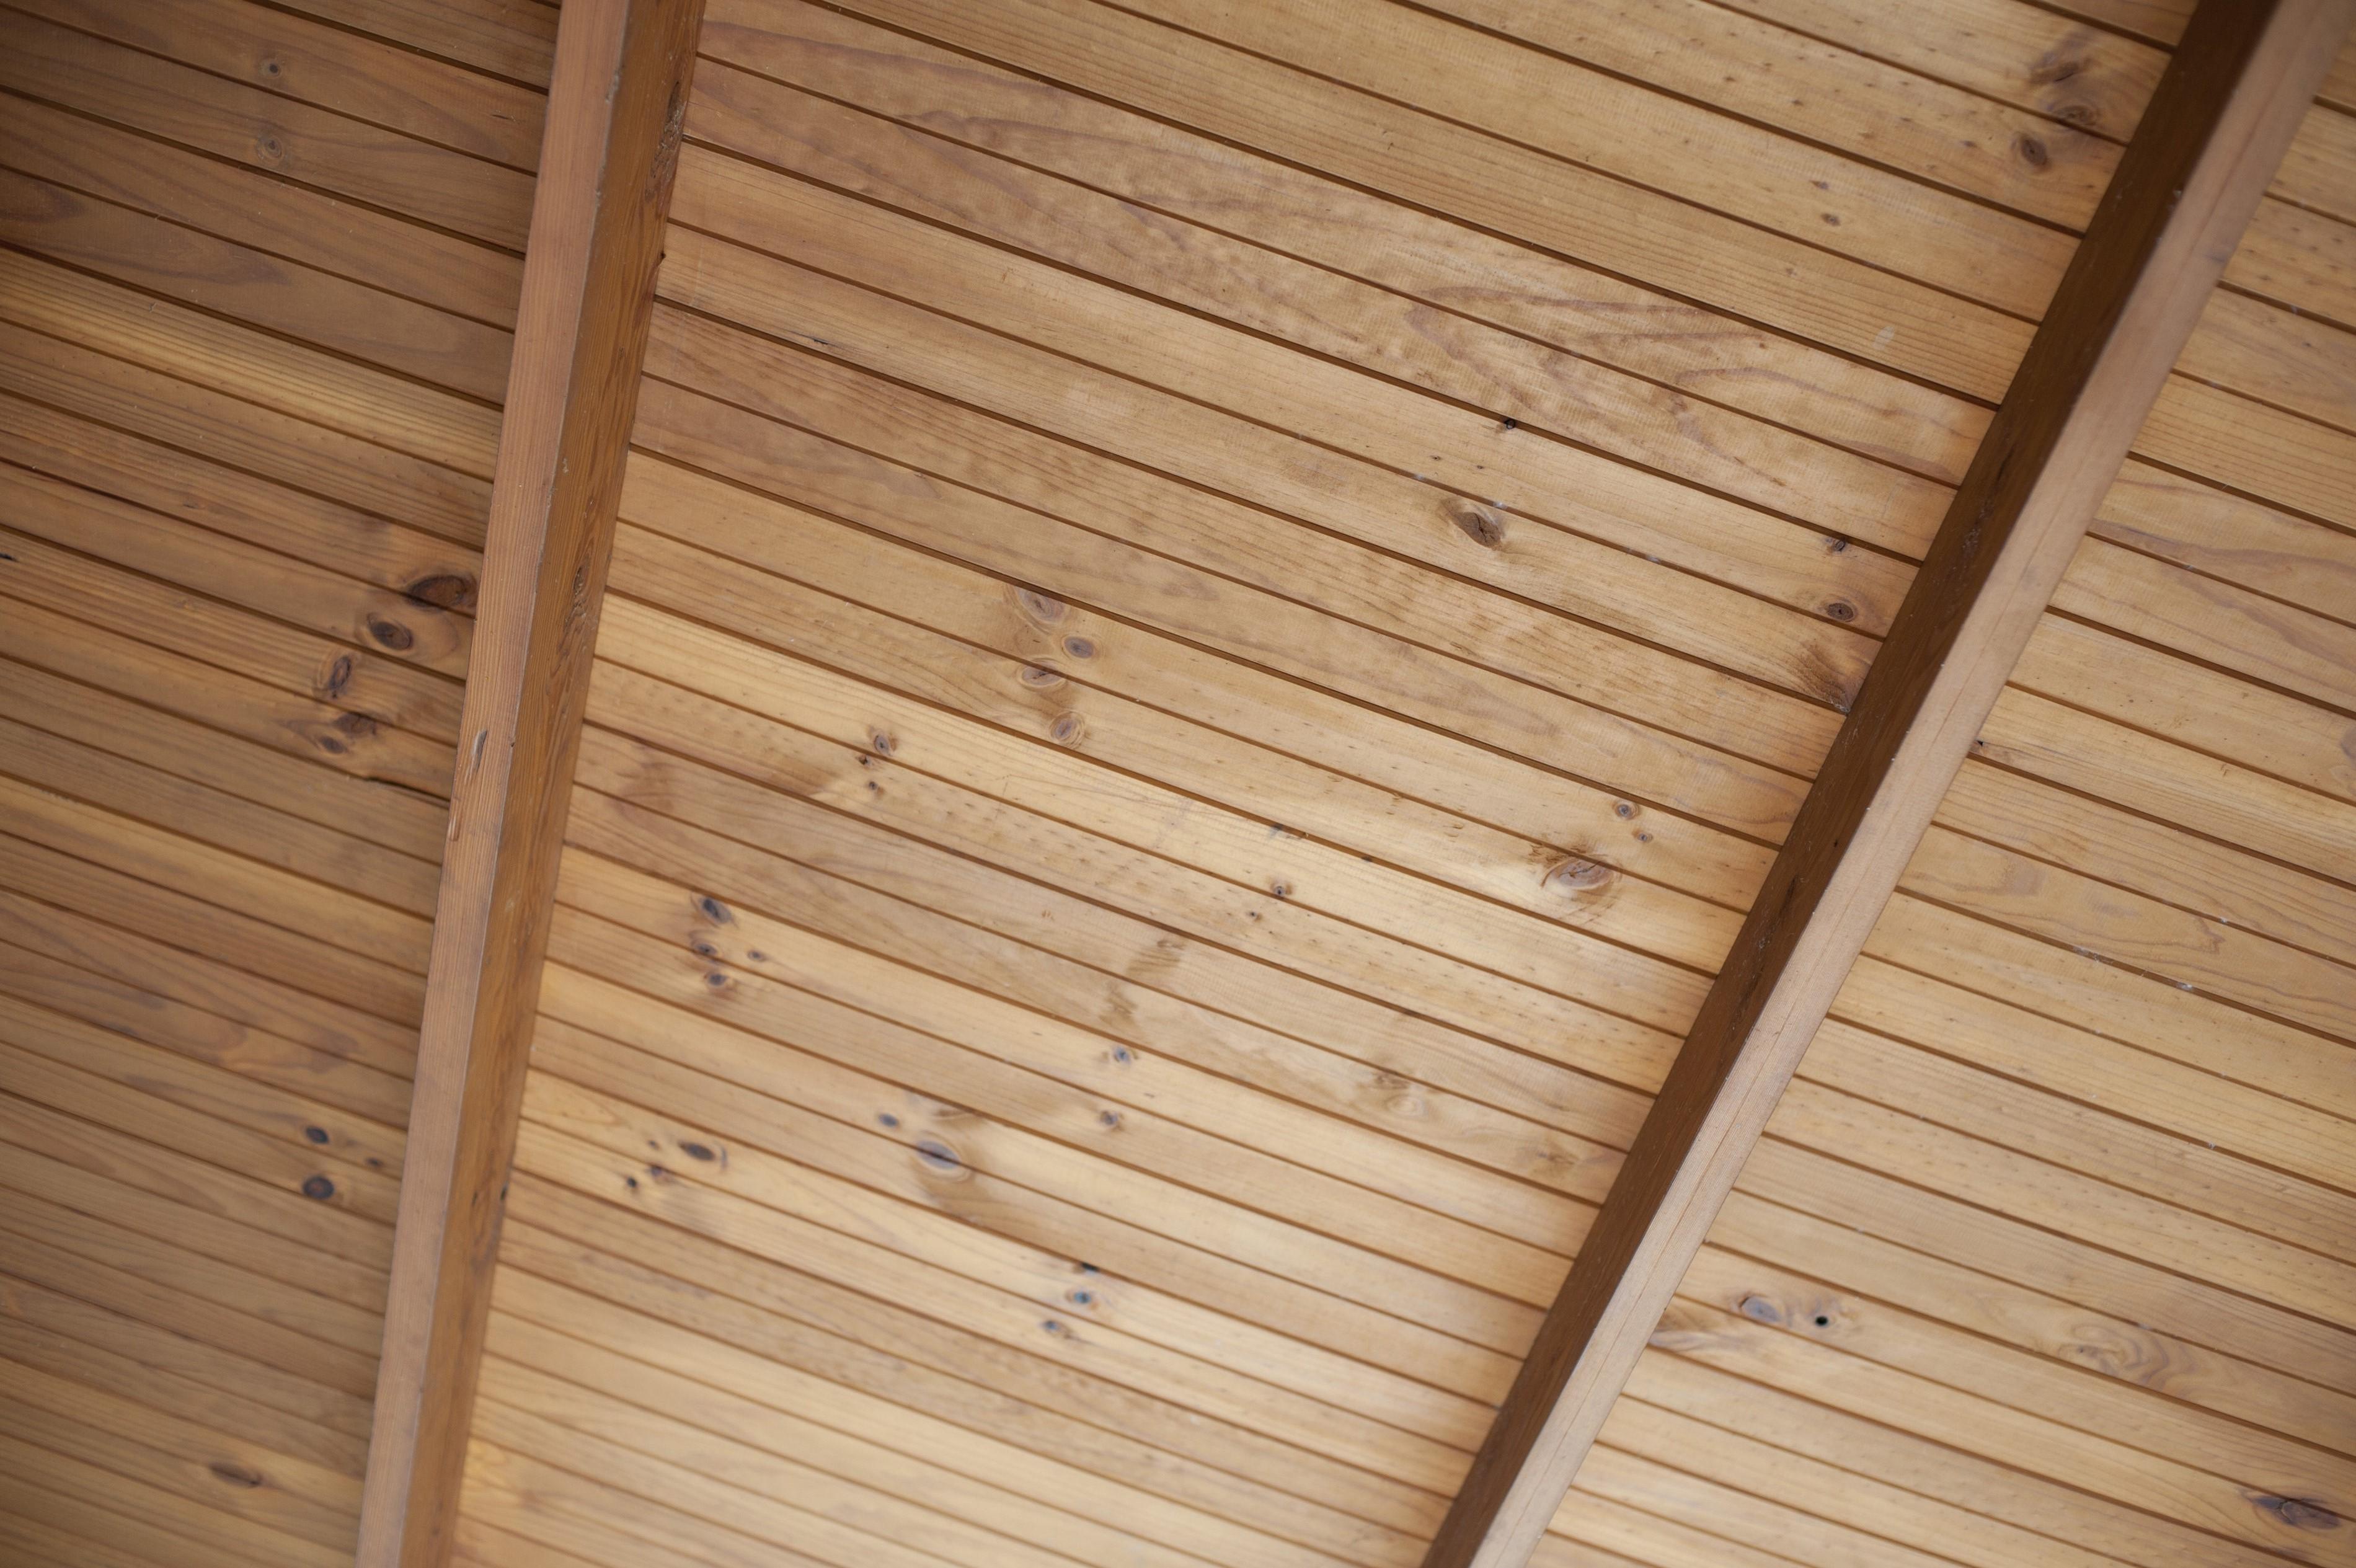 Wood Panels Ceiling